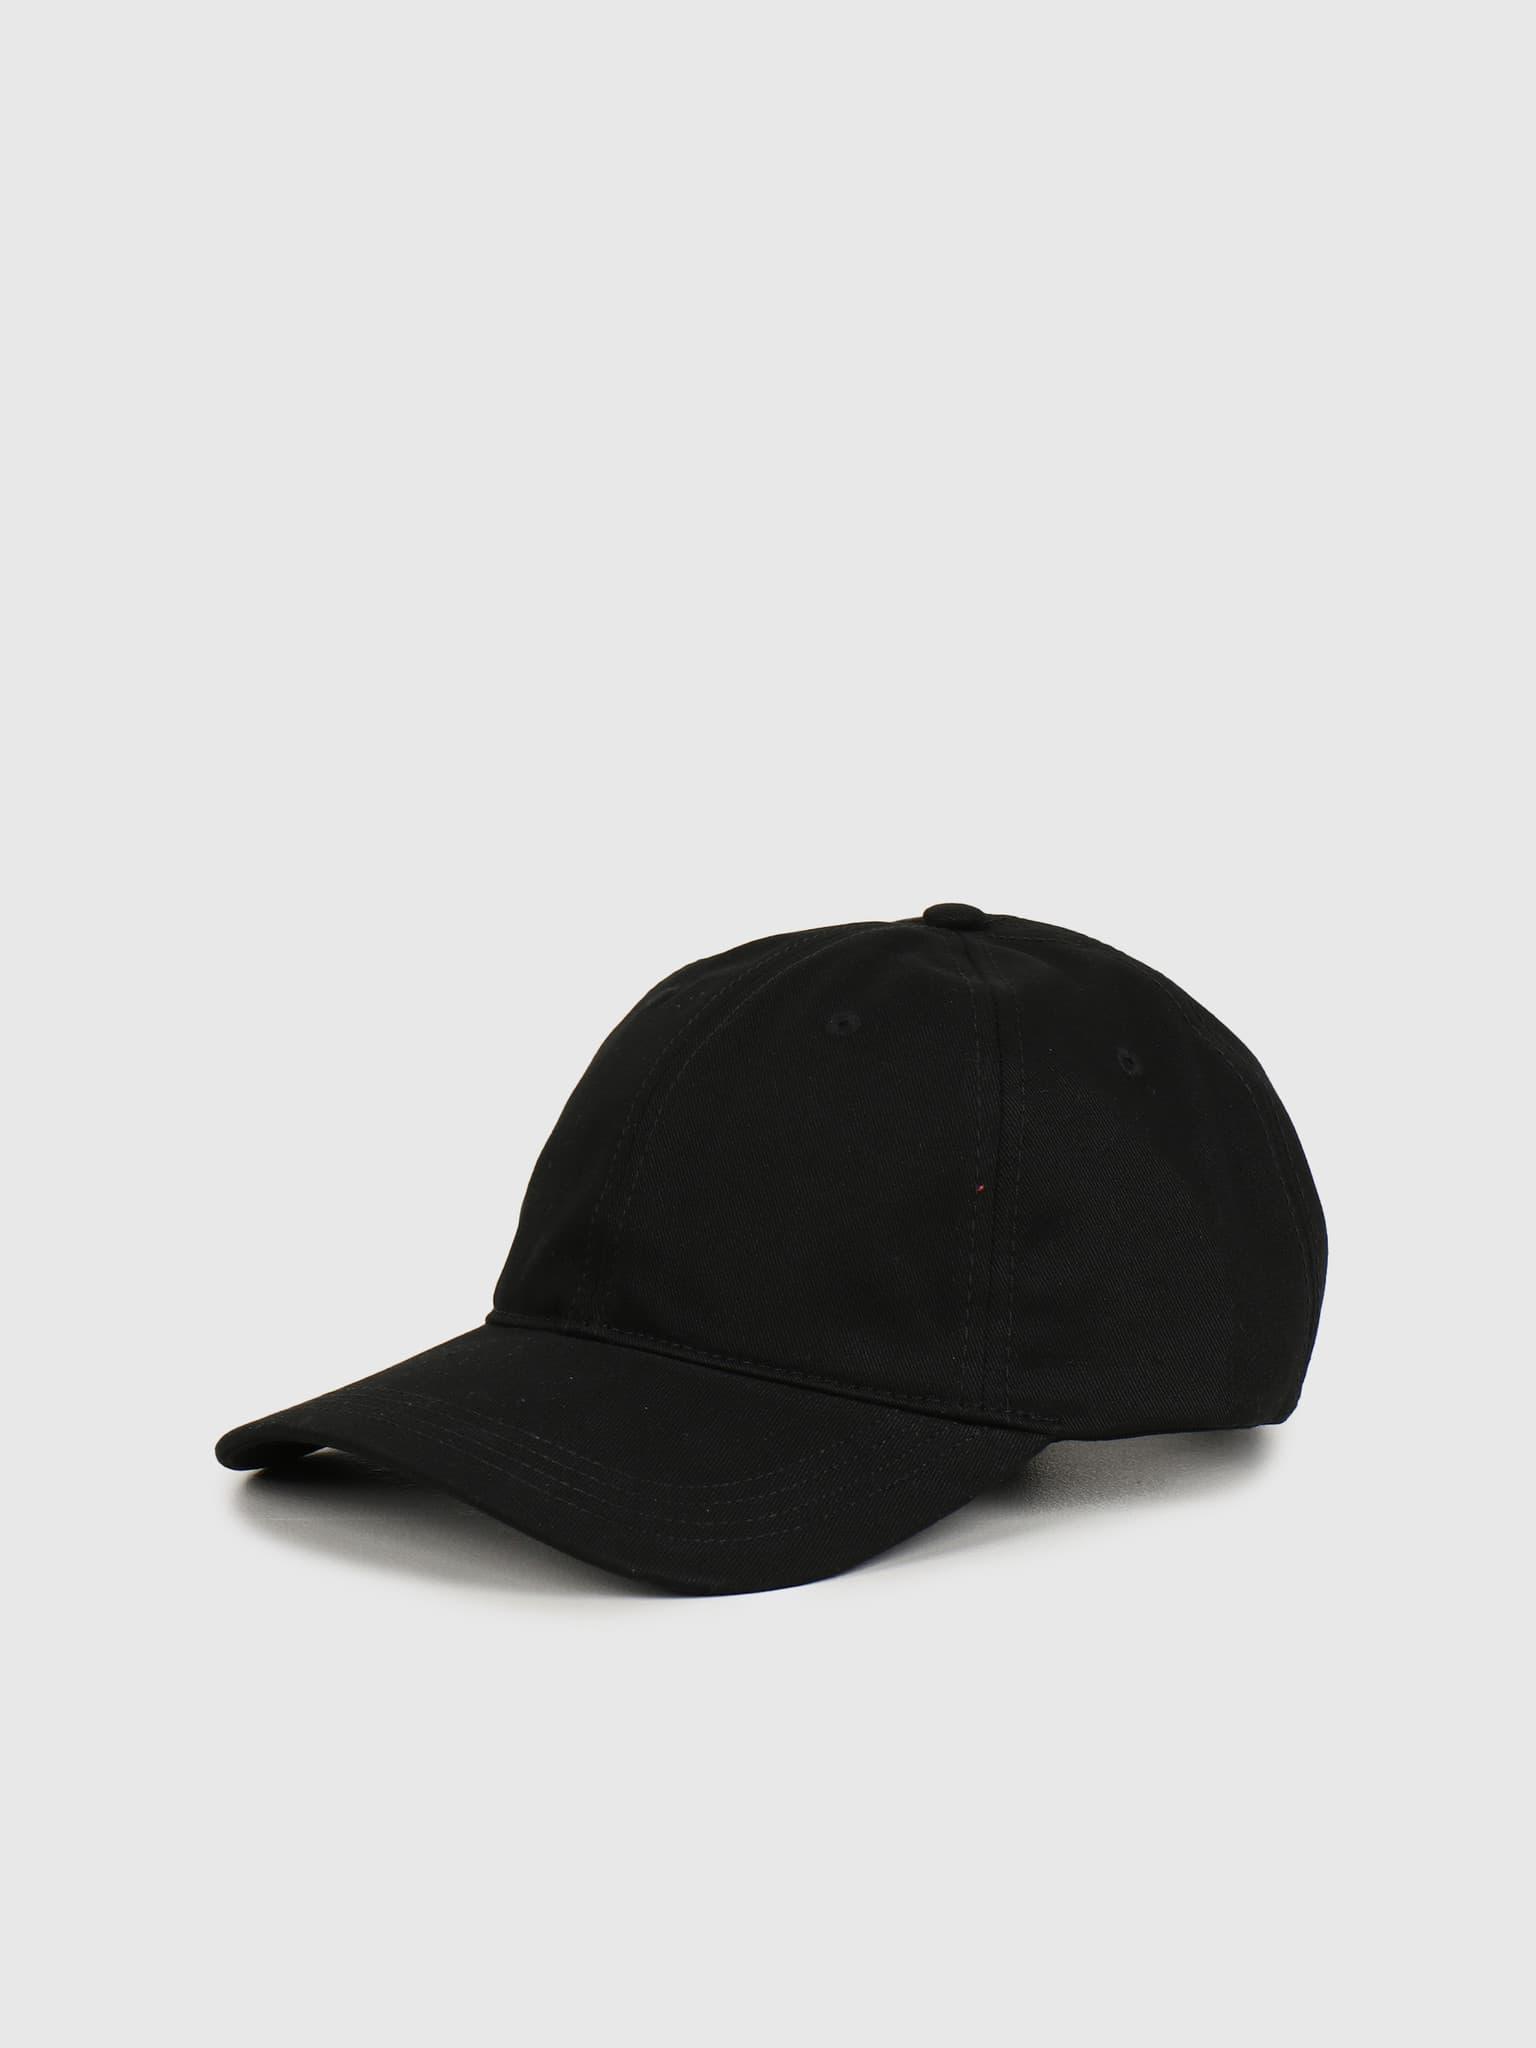 2G4C Cap 01 Black RK4709-01